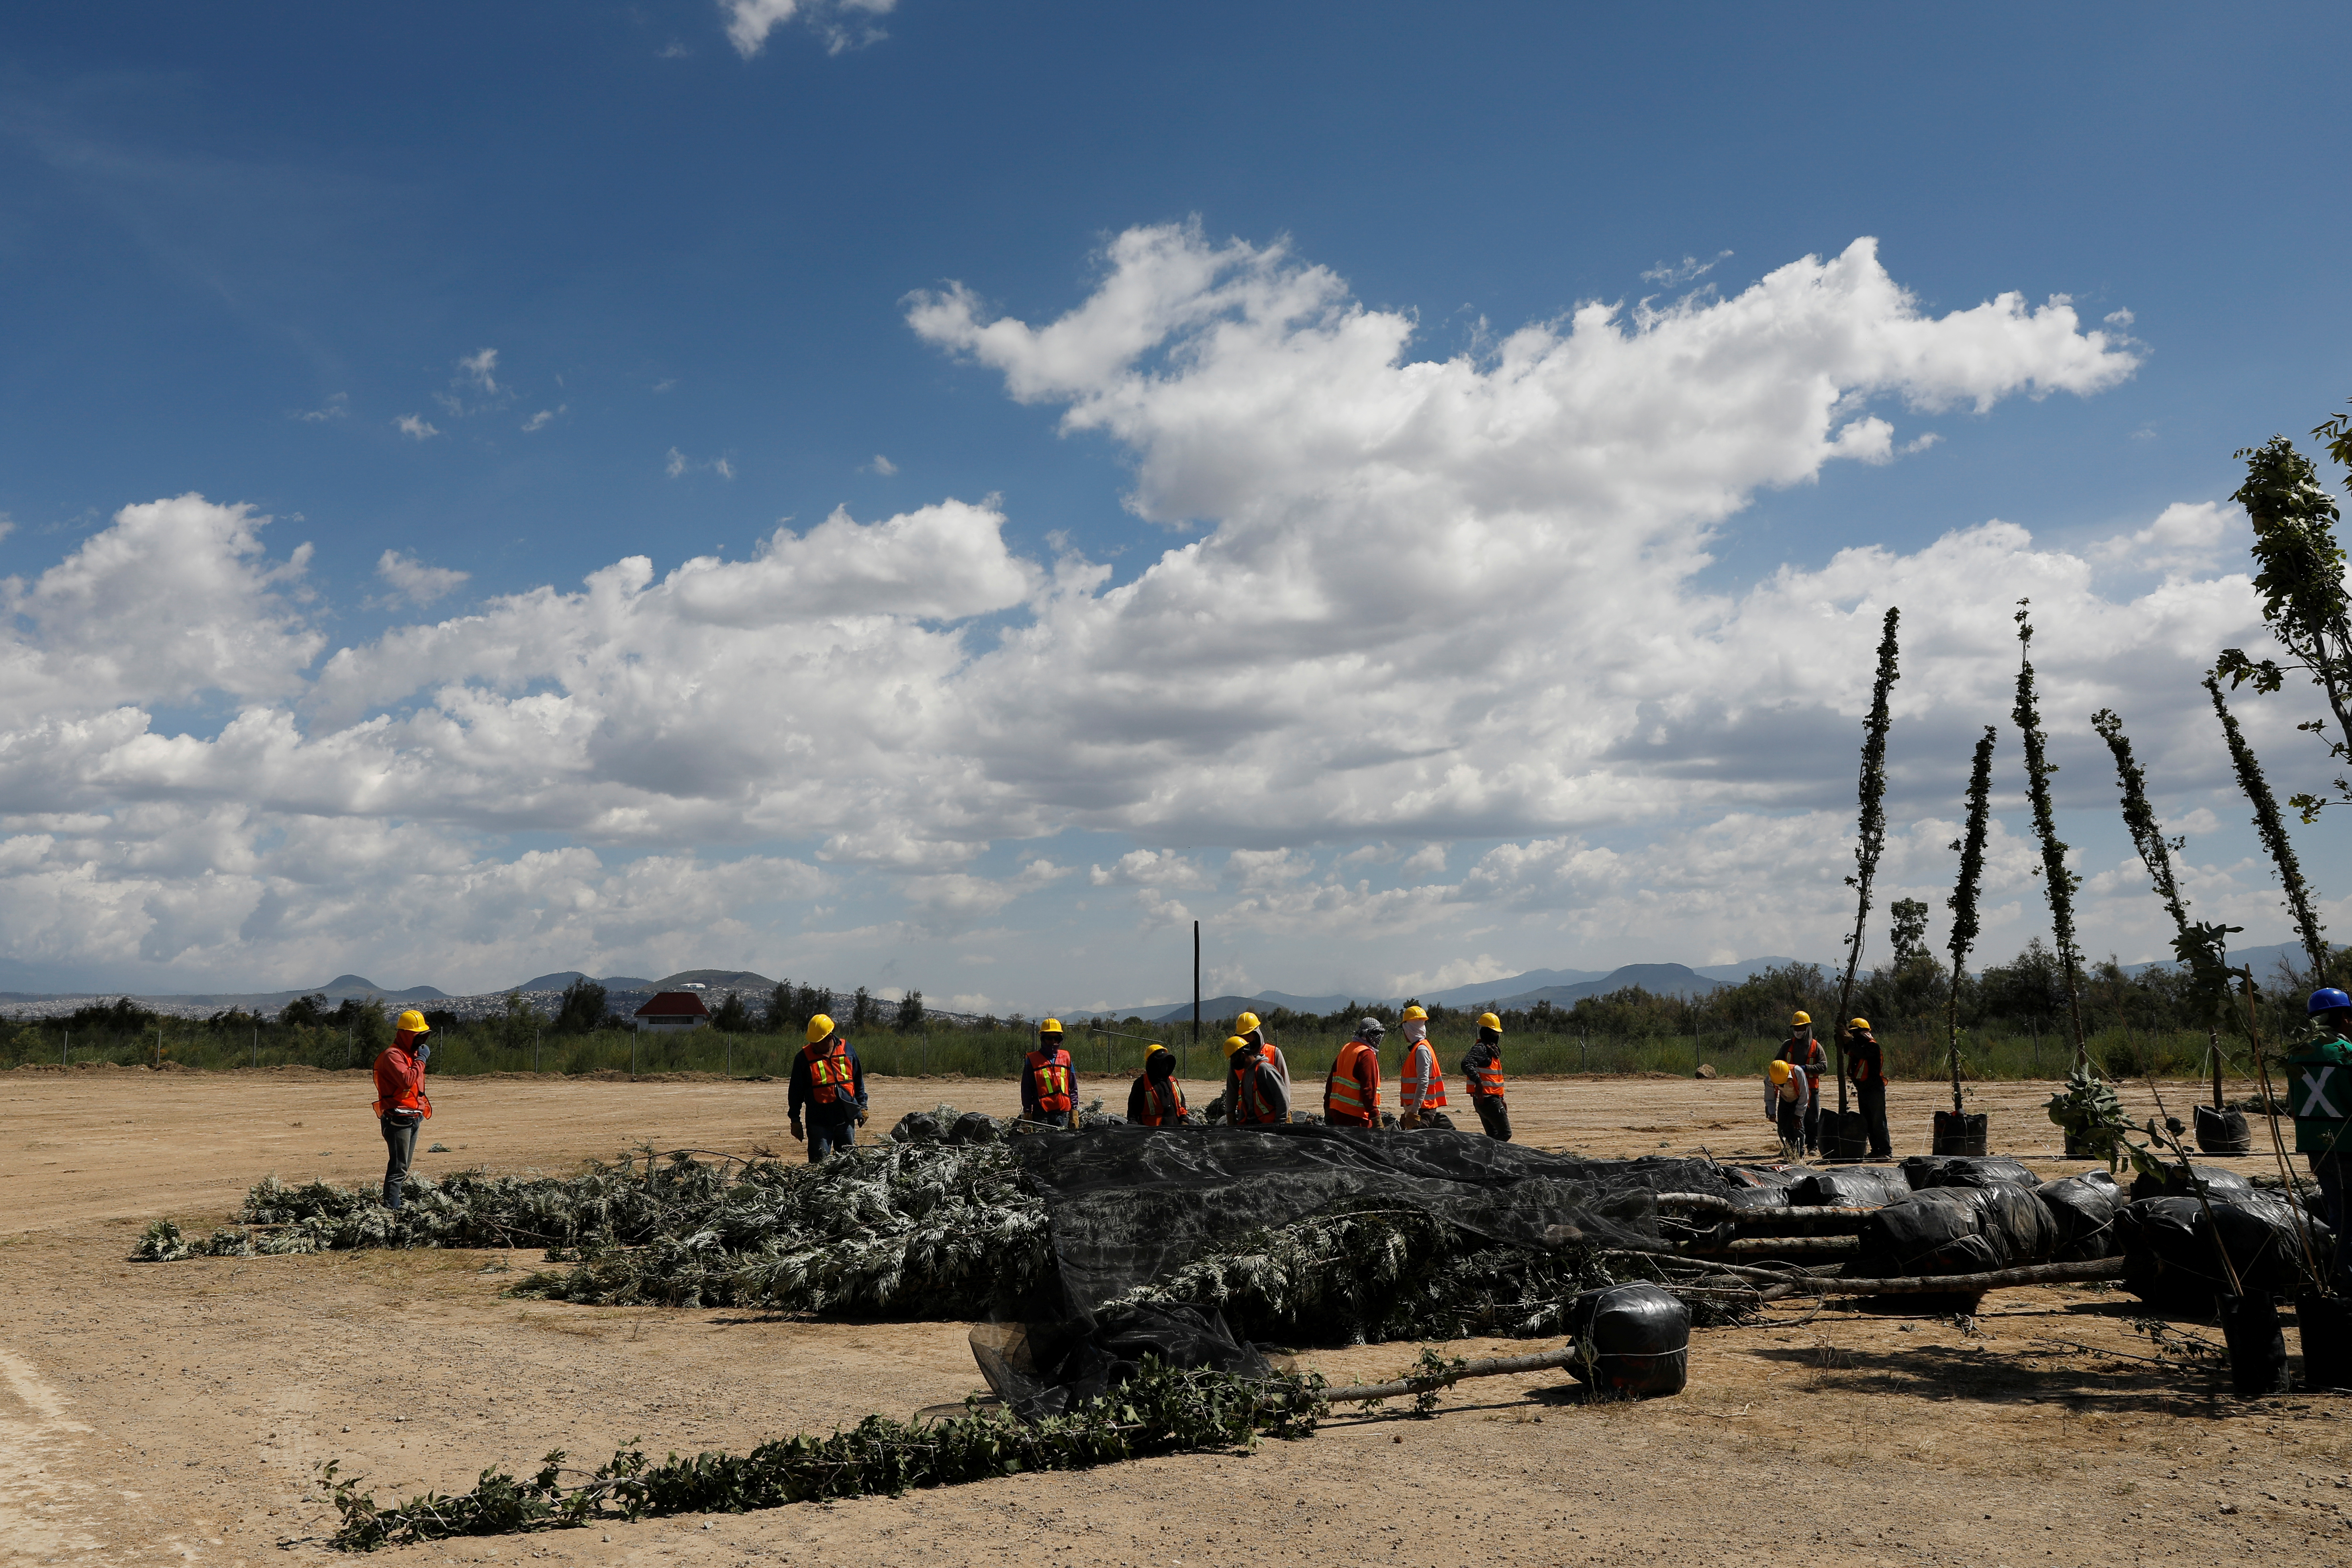 Trabajadores preparan plantas nativas en el centro de jardinería cerca de la zona cancelada del aeropuerto como parte de un proyecto para conservar 12,200 hectáreas de tierra en Texcoco en las afueras de la Ciudad de México, México, 3 de septiembre de 2020. Fotografía tomada el 3 de septiembre de 2020.